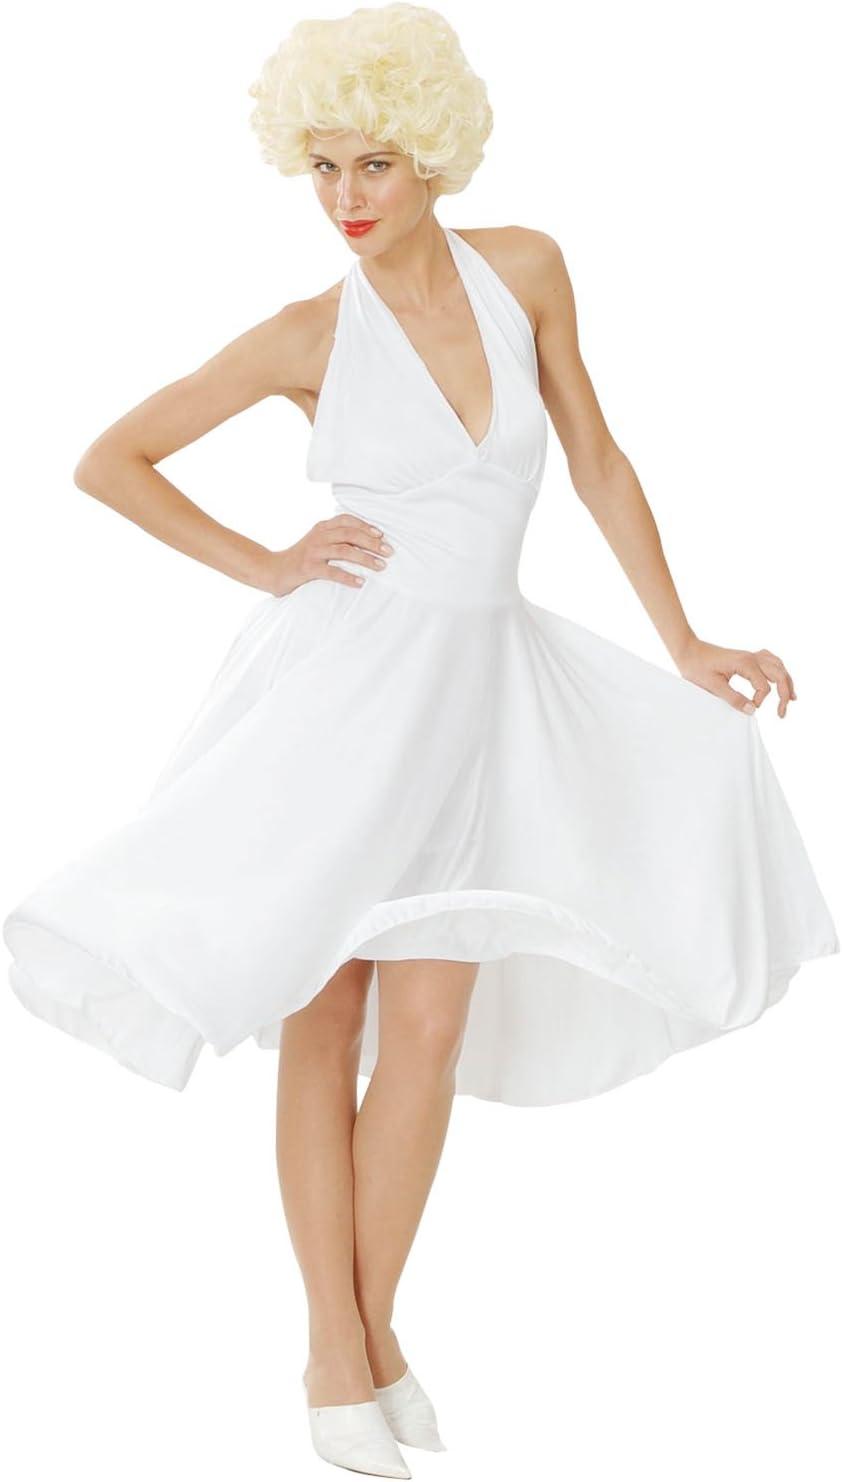 Hollywood - Disfraz de Marilyn Monroe para mujer (AC684): Bristol ...